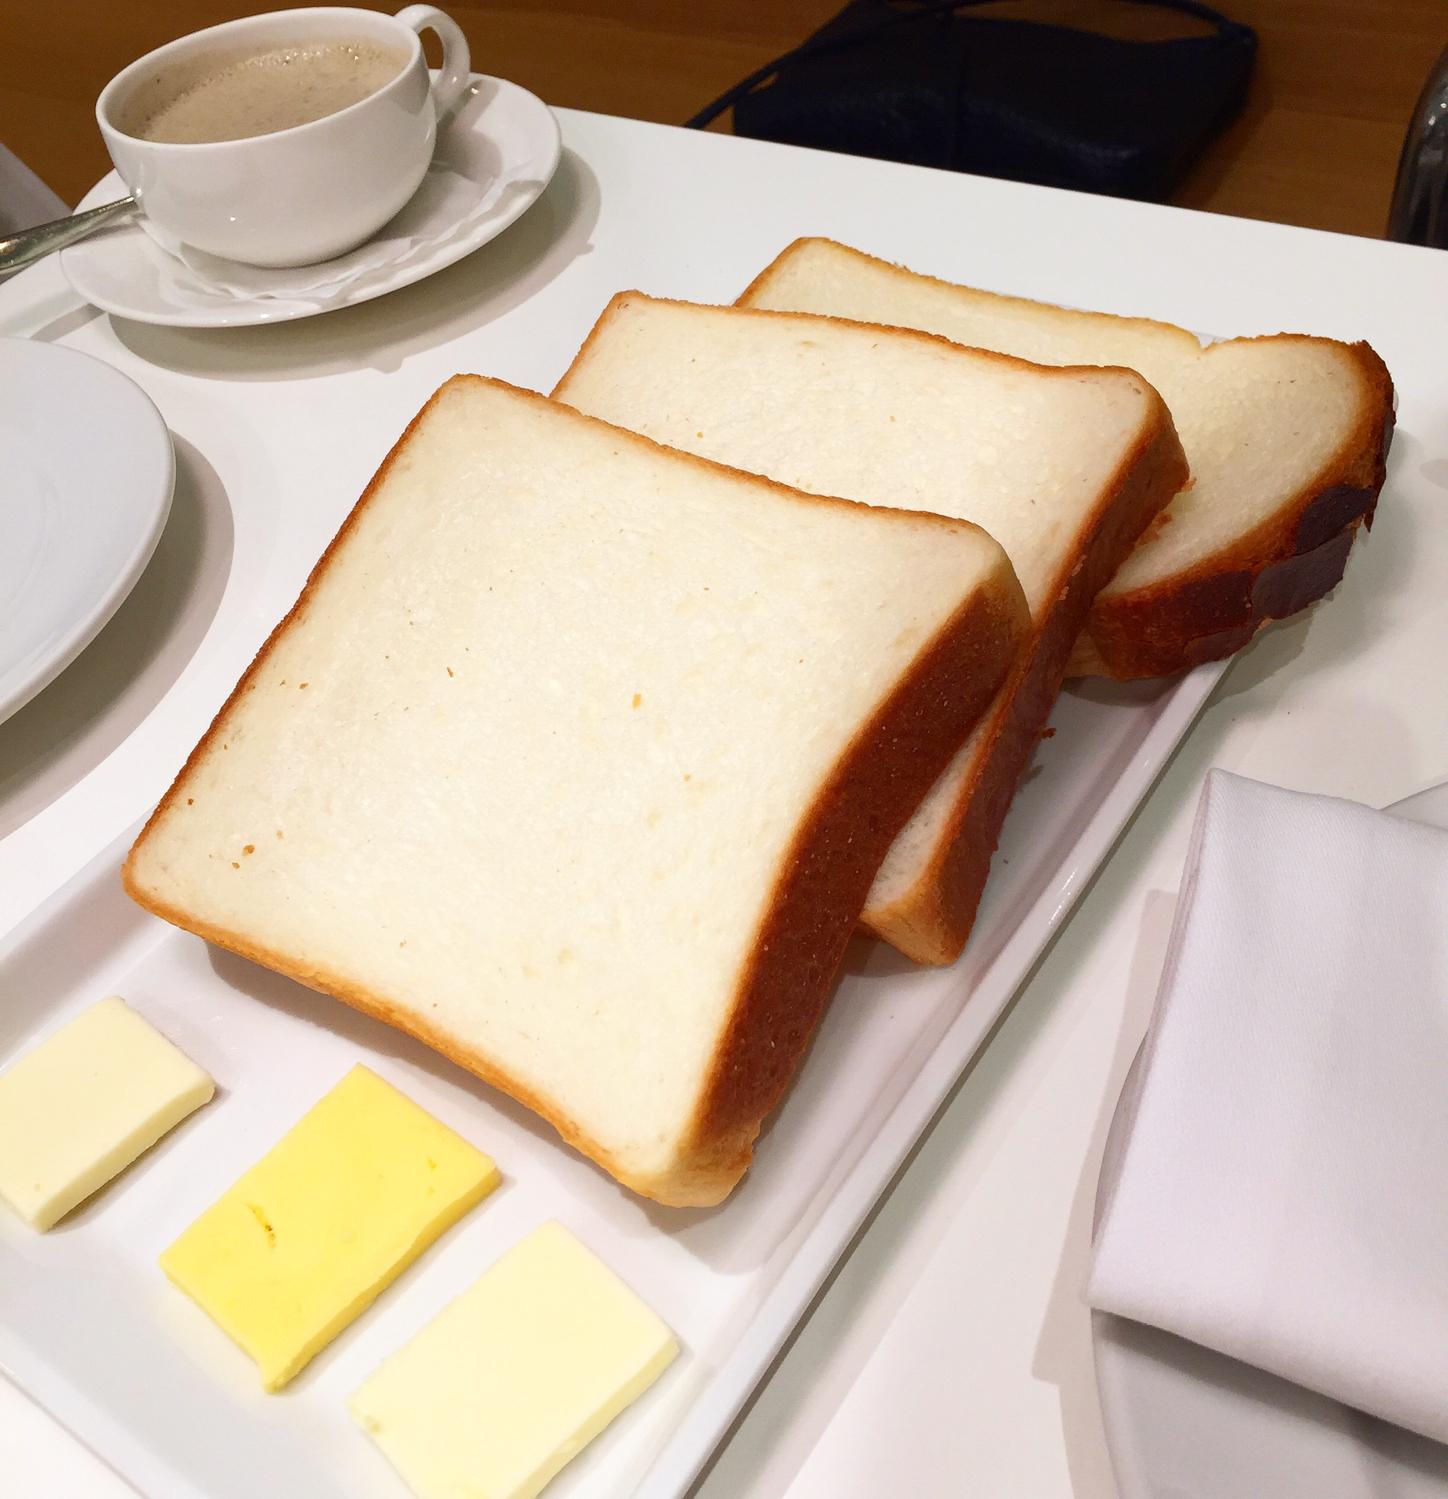 余るあるある(4)食パン